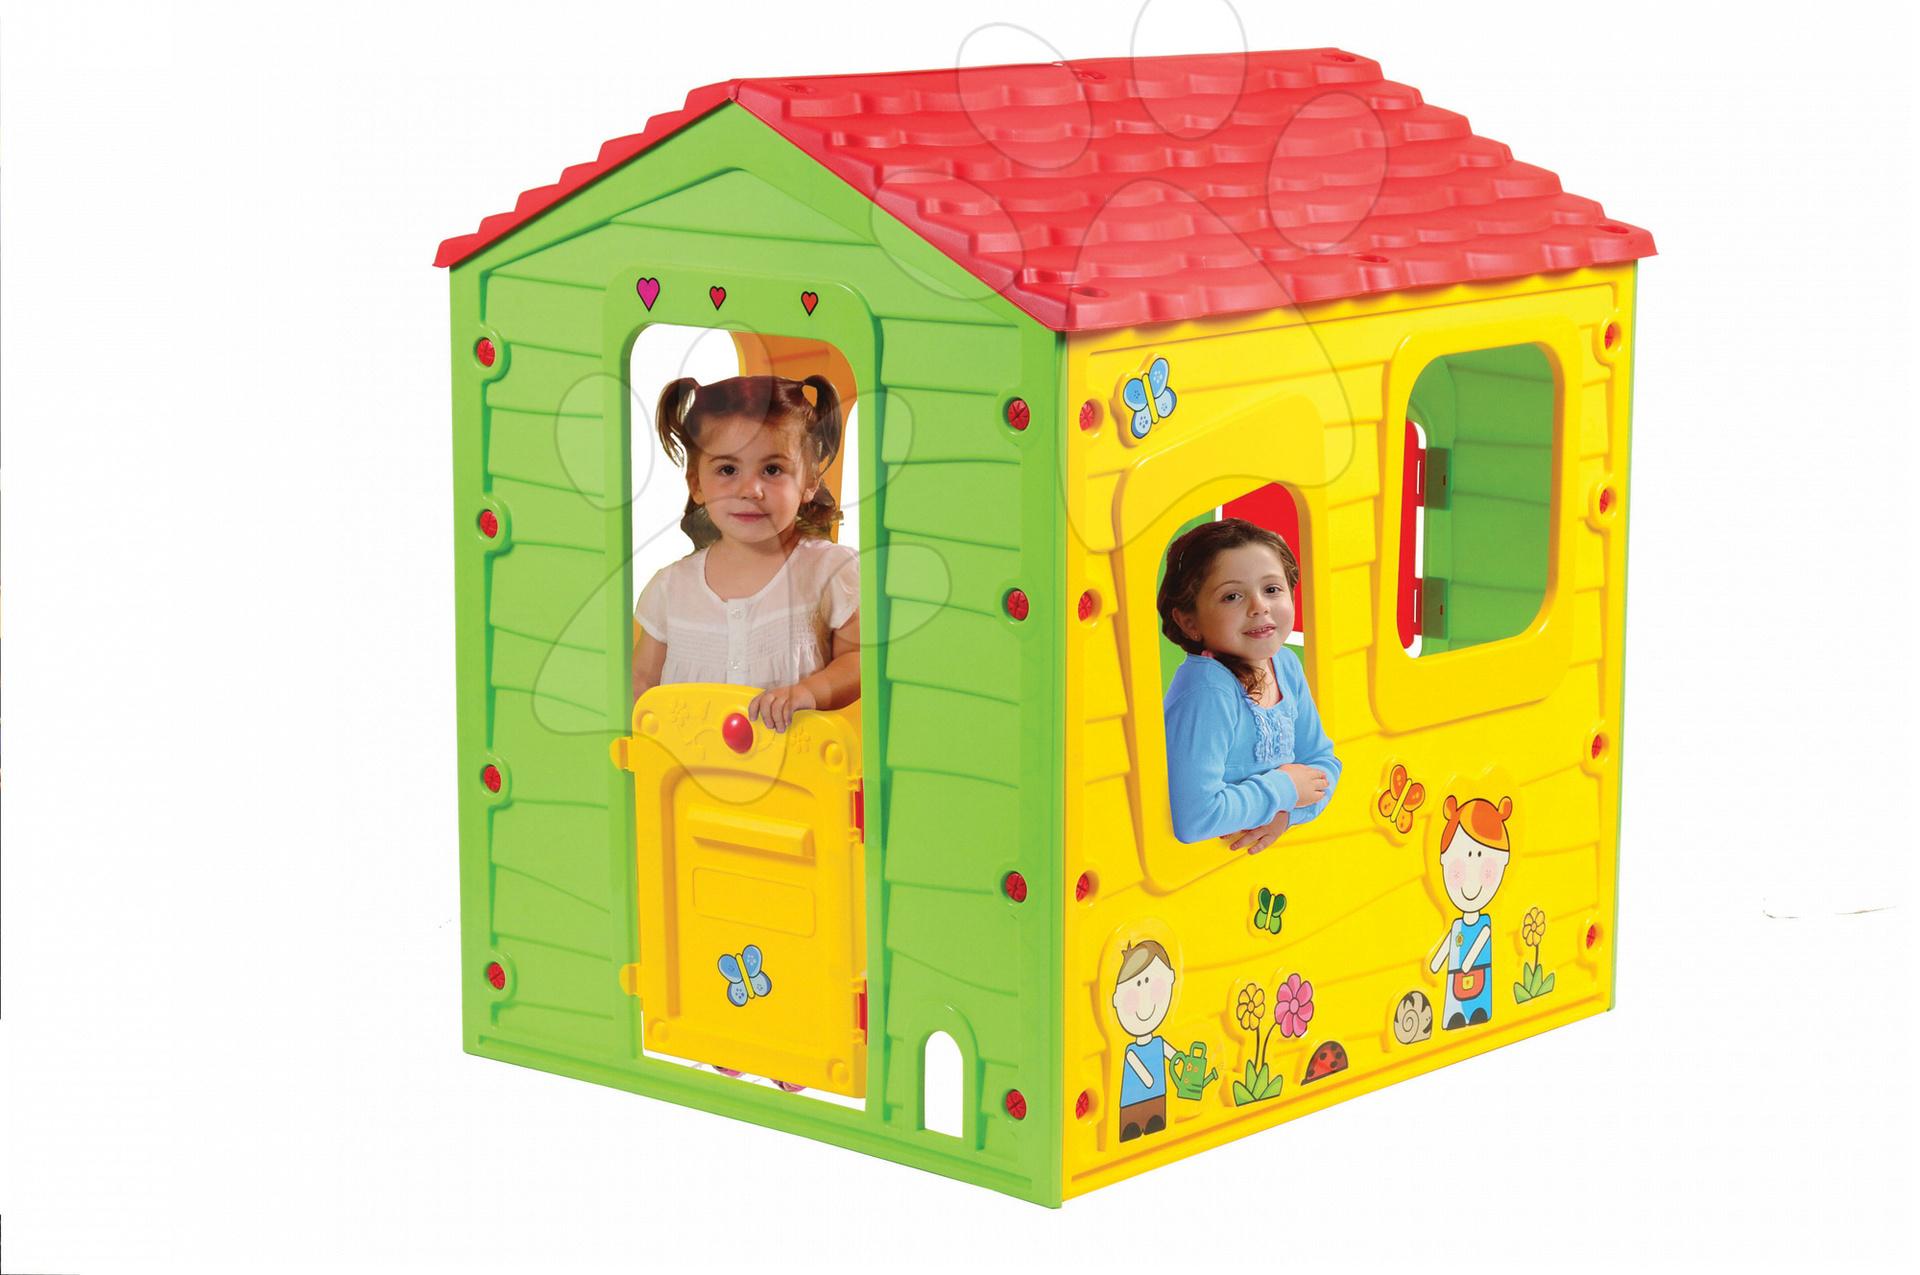 Domečky pro děti - Domeček Fun Farm House Starplast #VALUE! od 24 měsíců